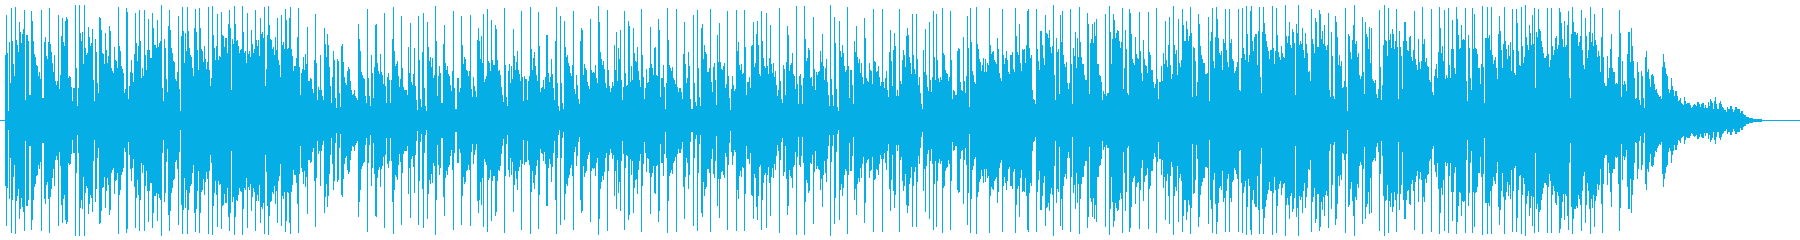 カフェミュージック:スムースジャズ系の再生済みの波形